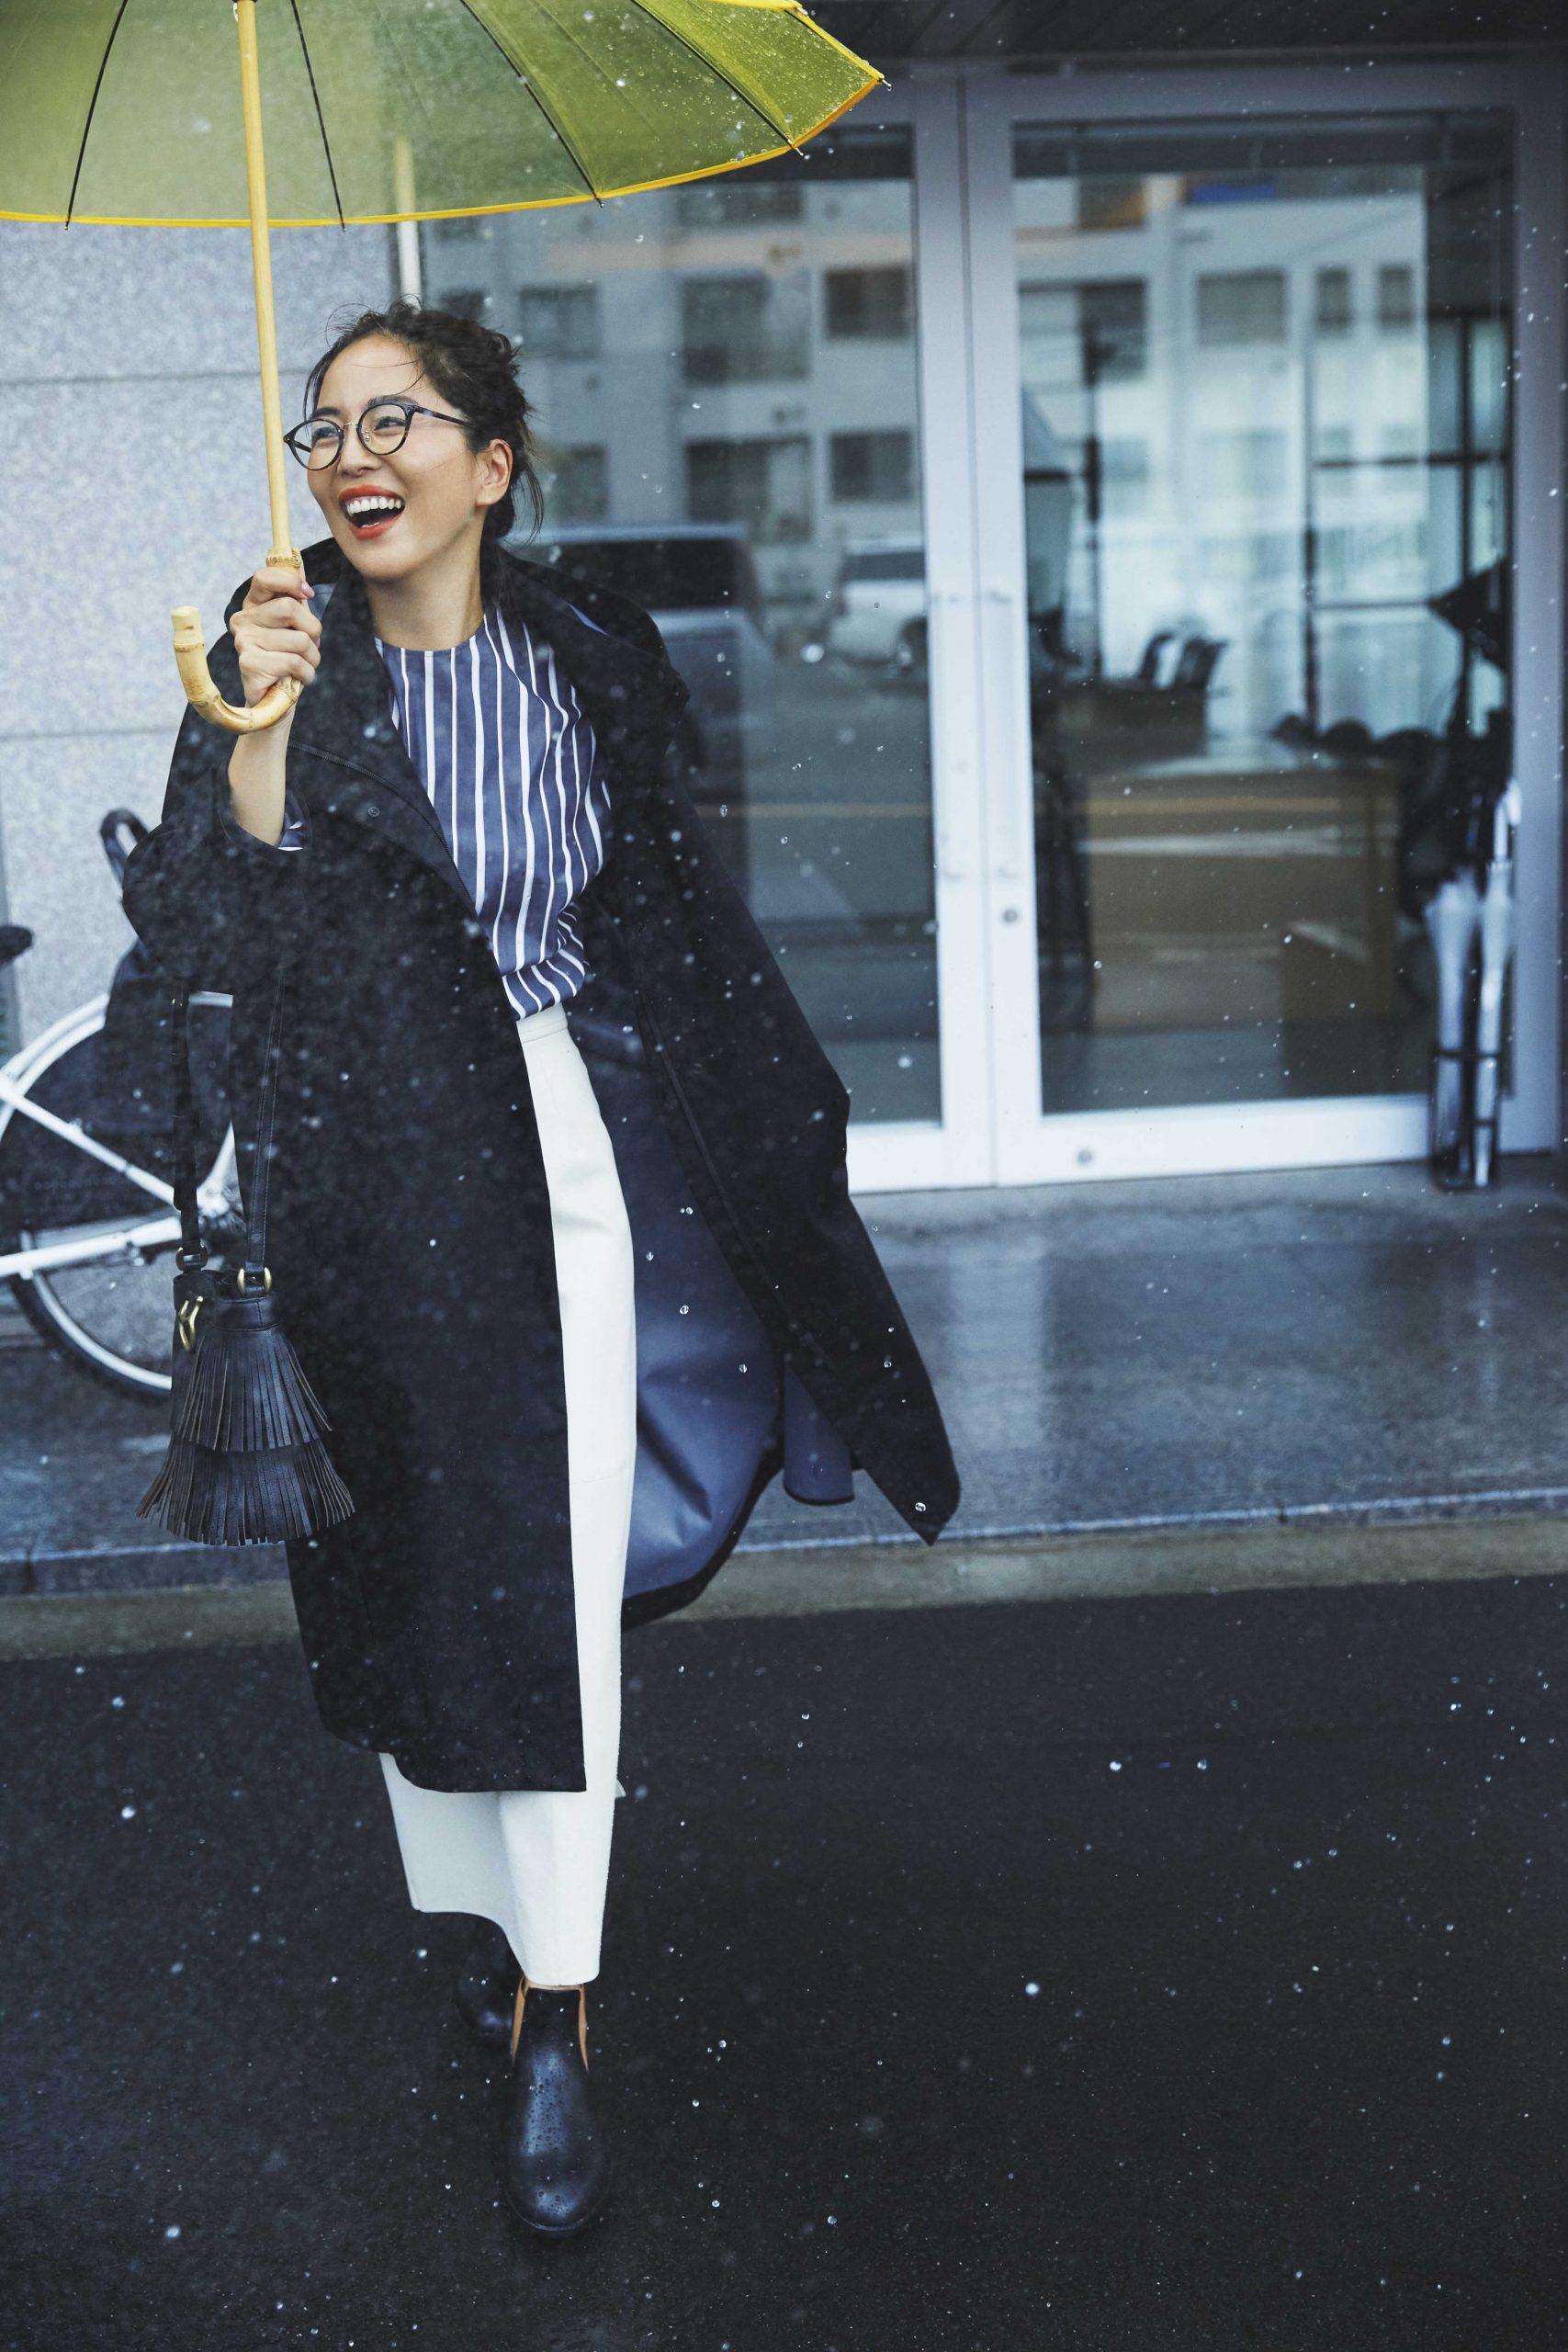 モデル鈴木六夏さん。撥水コートを着て。30代ファッション。雨の日の通勤コーデ。